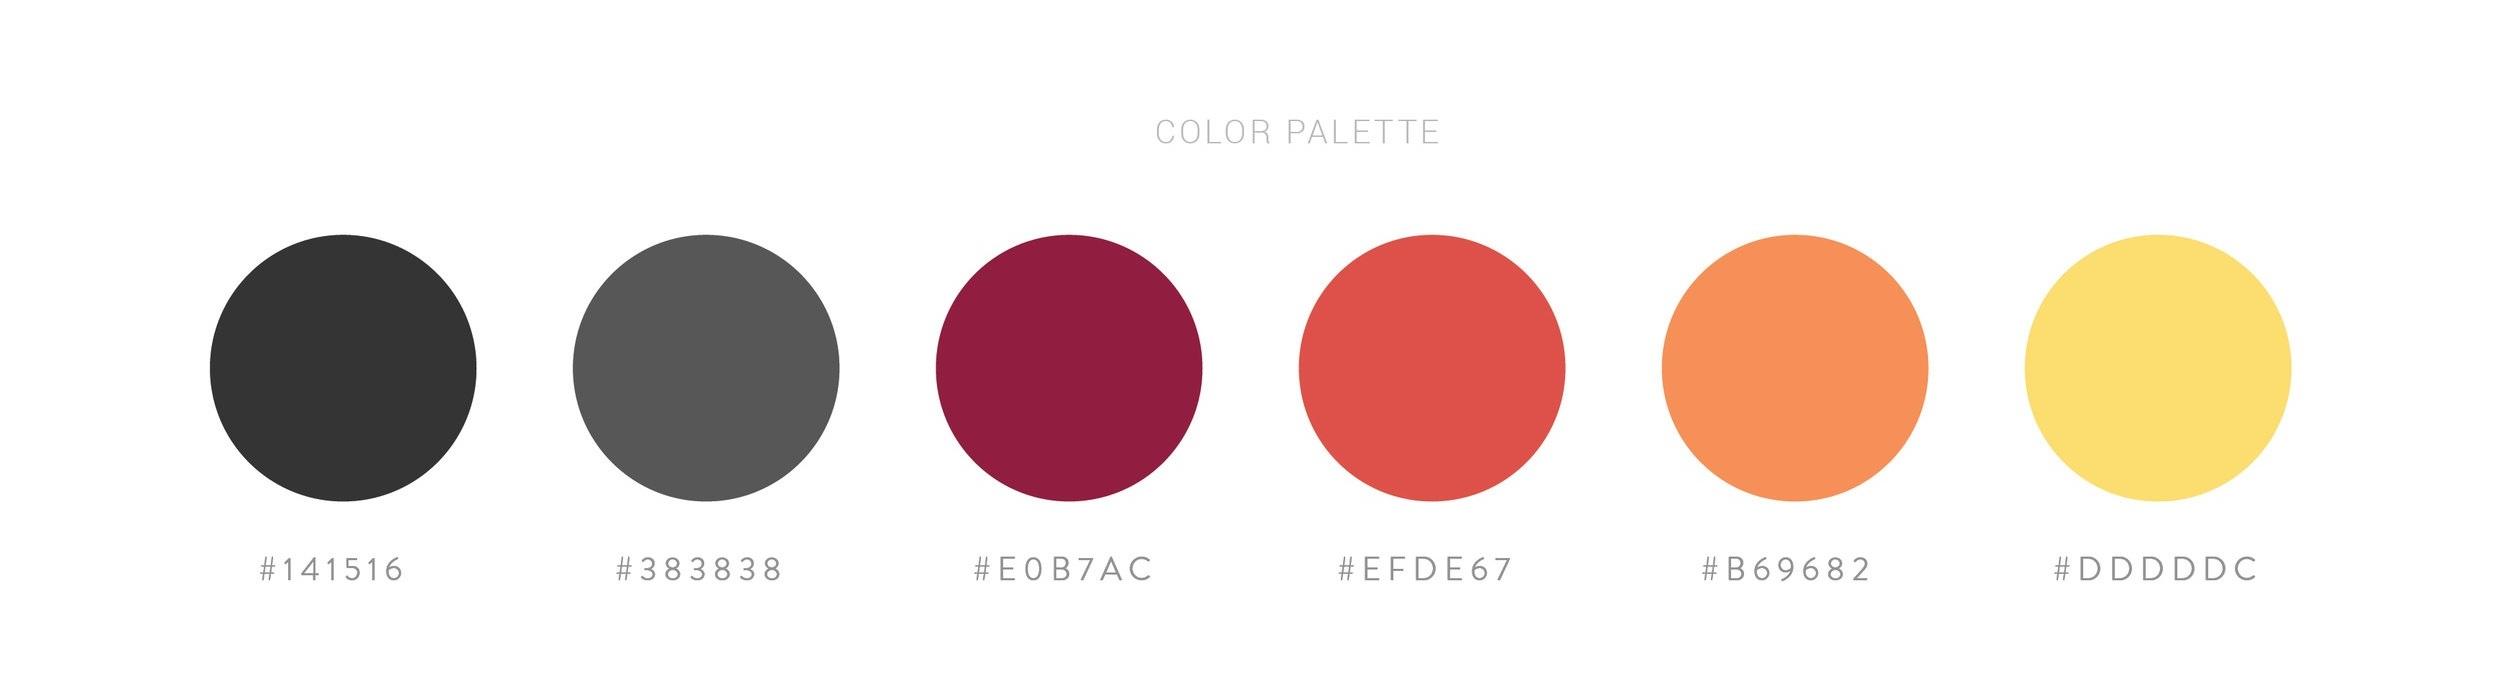 colour-palette-harmonics